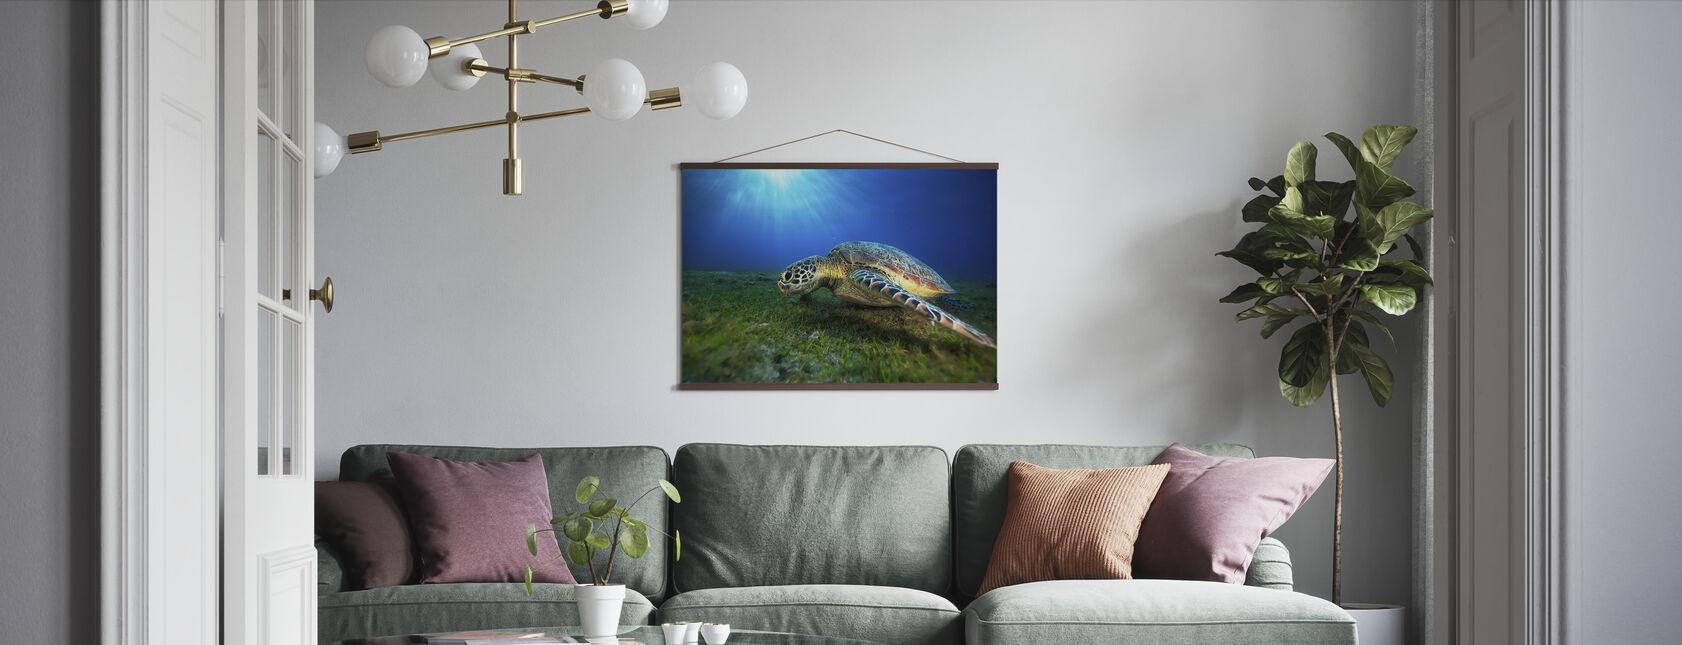 Grön sköldpadda - Poster - Vardagsrum